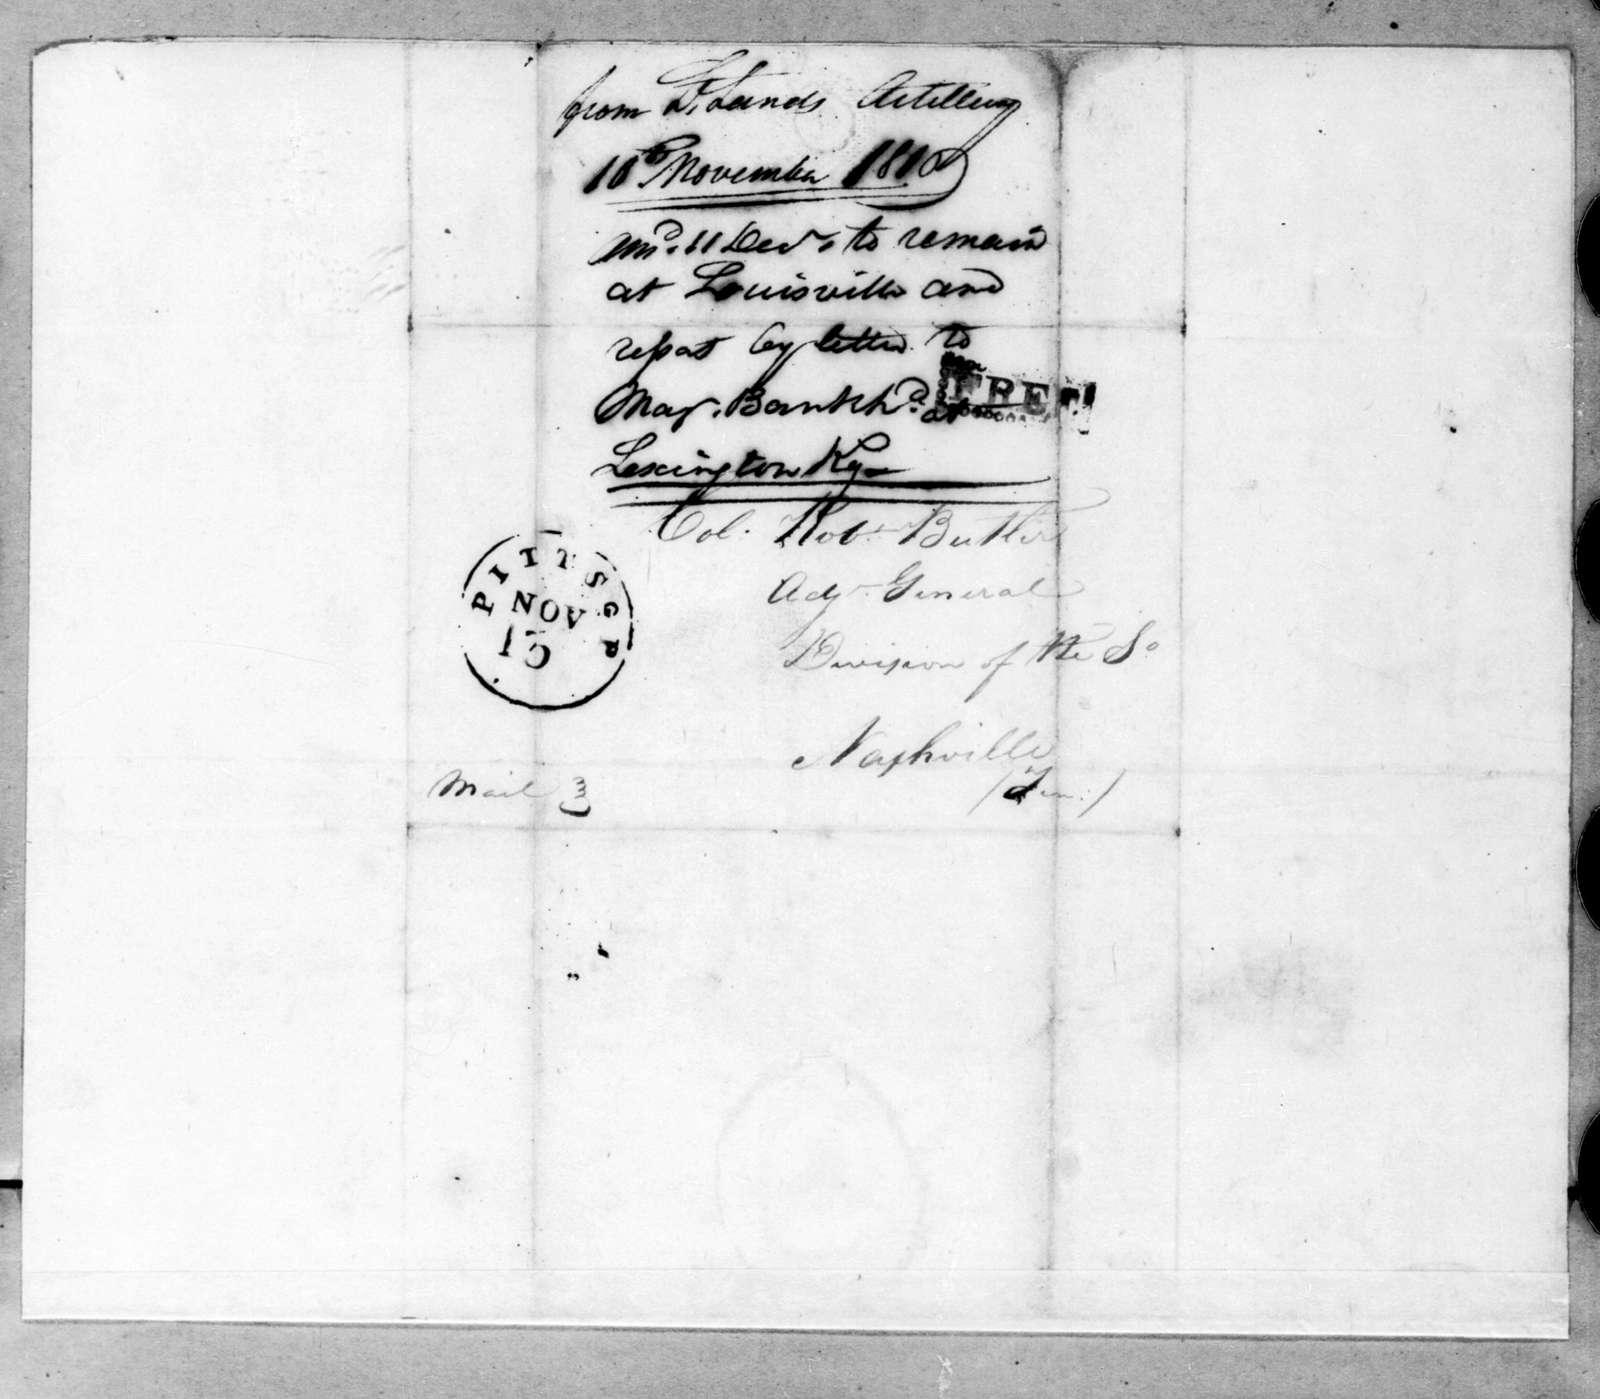 A. L. Lands to Robert Butler, November 10, 1816